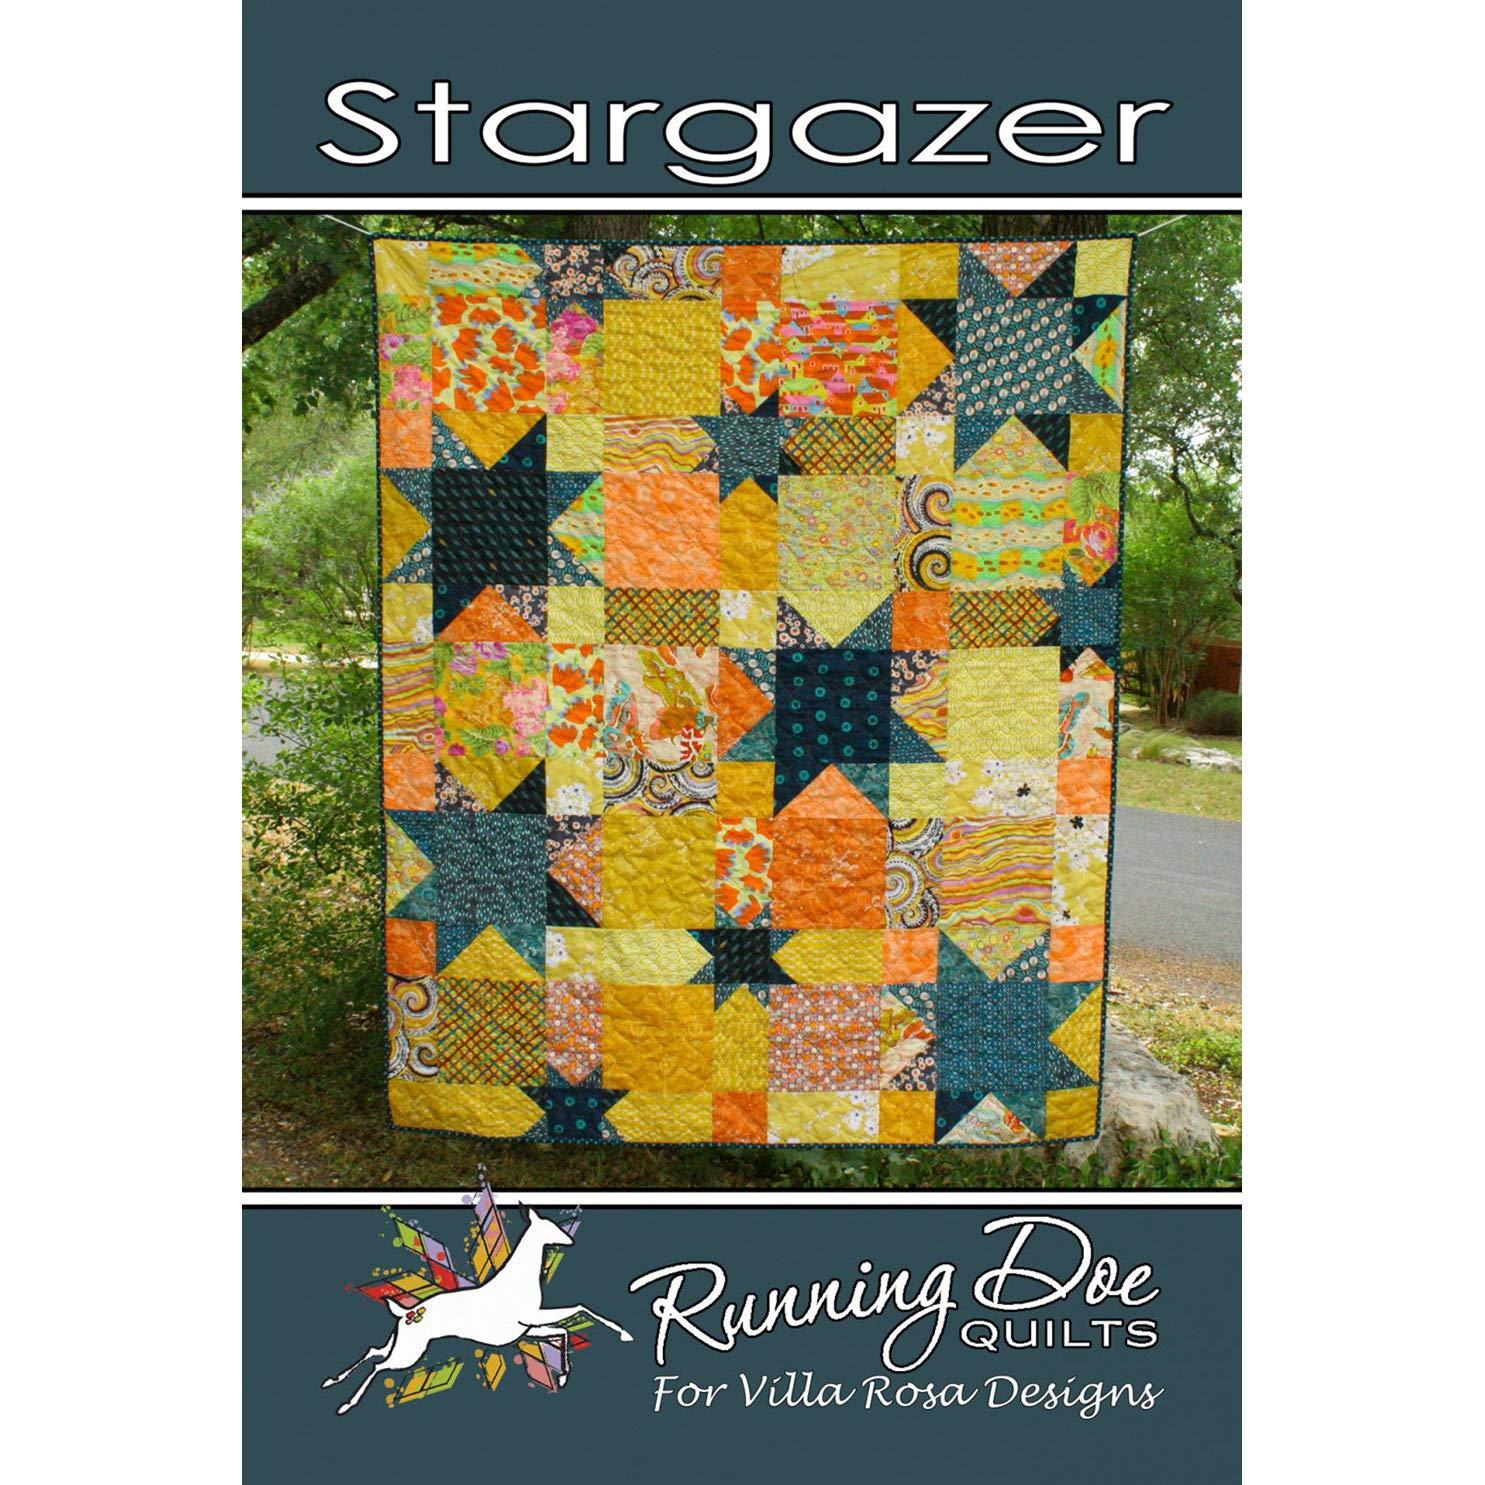 Stargazer Quilt Pattern by Villa Rosa Designs